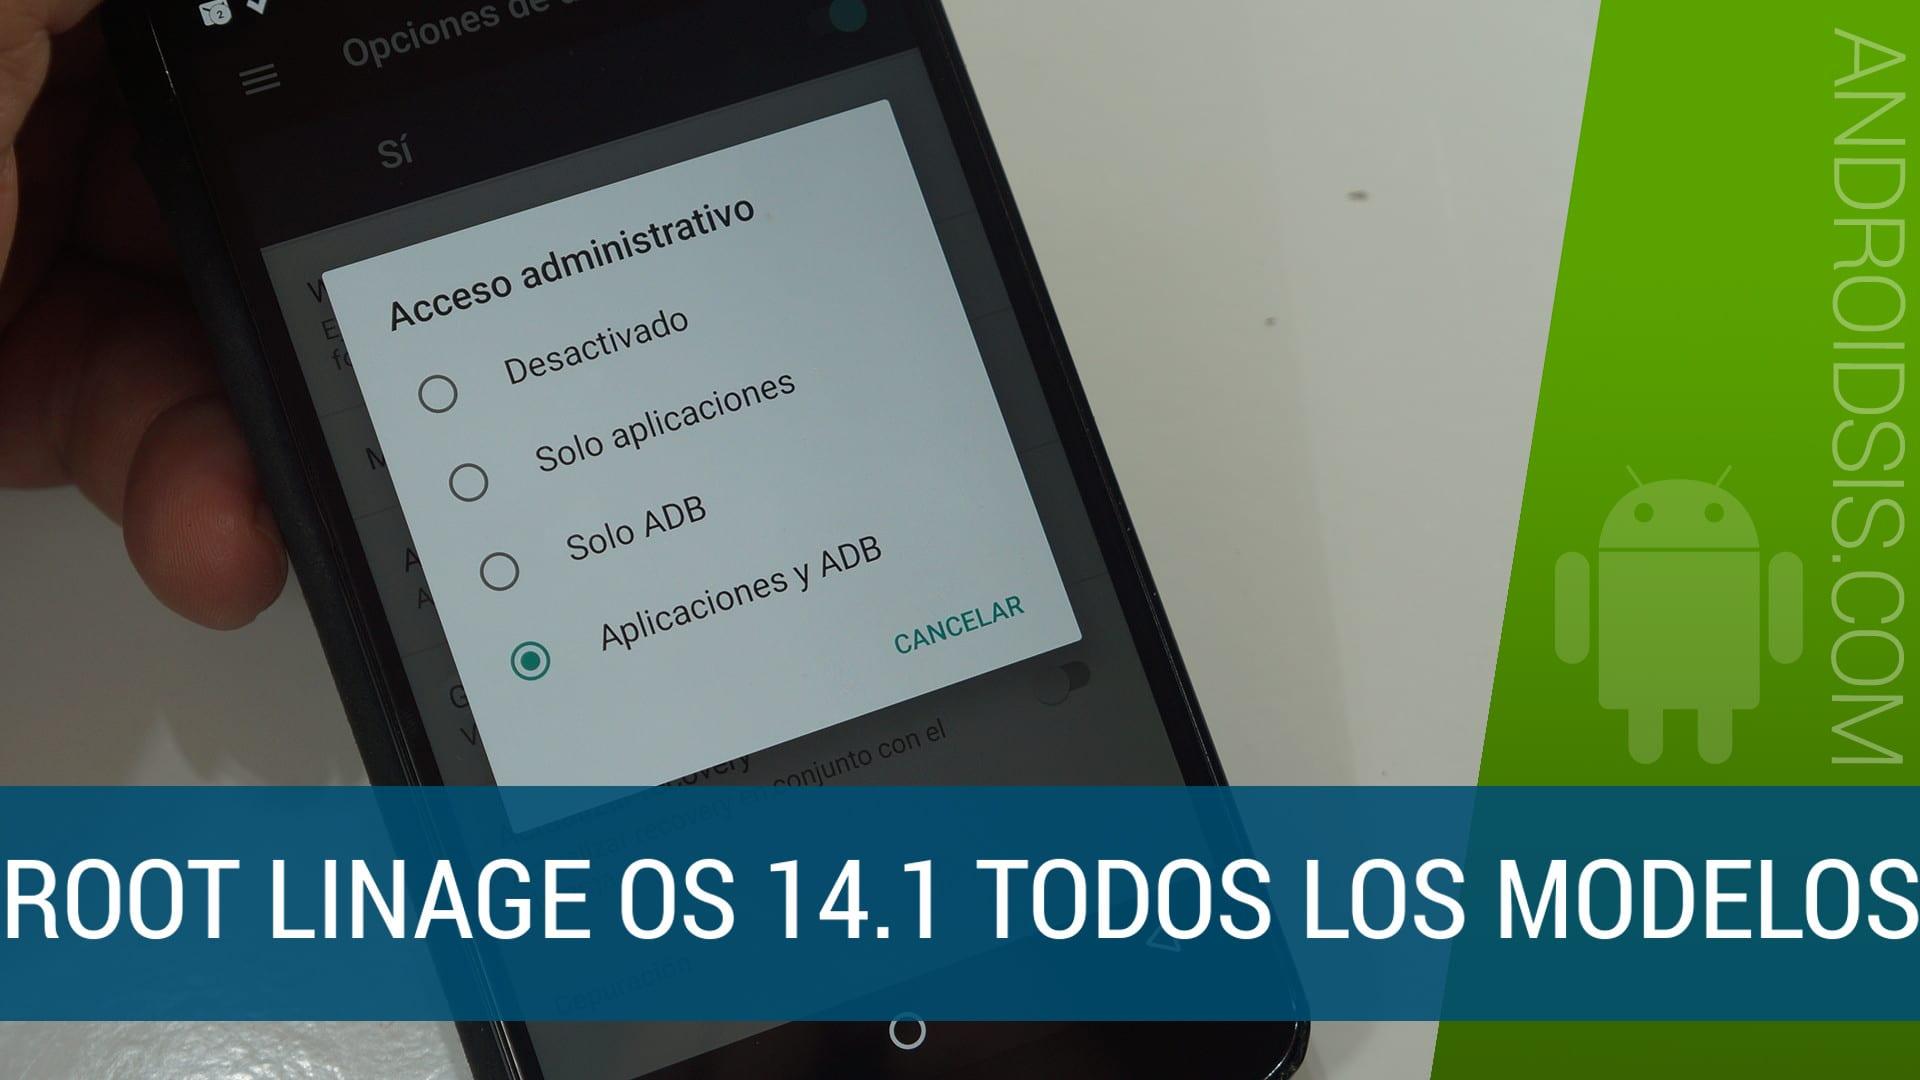 Root LinageOS todos los modelos de Android